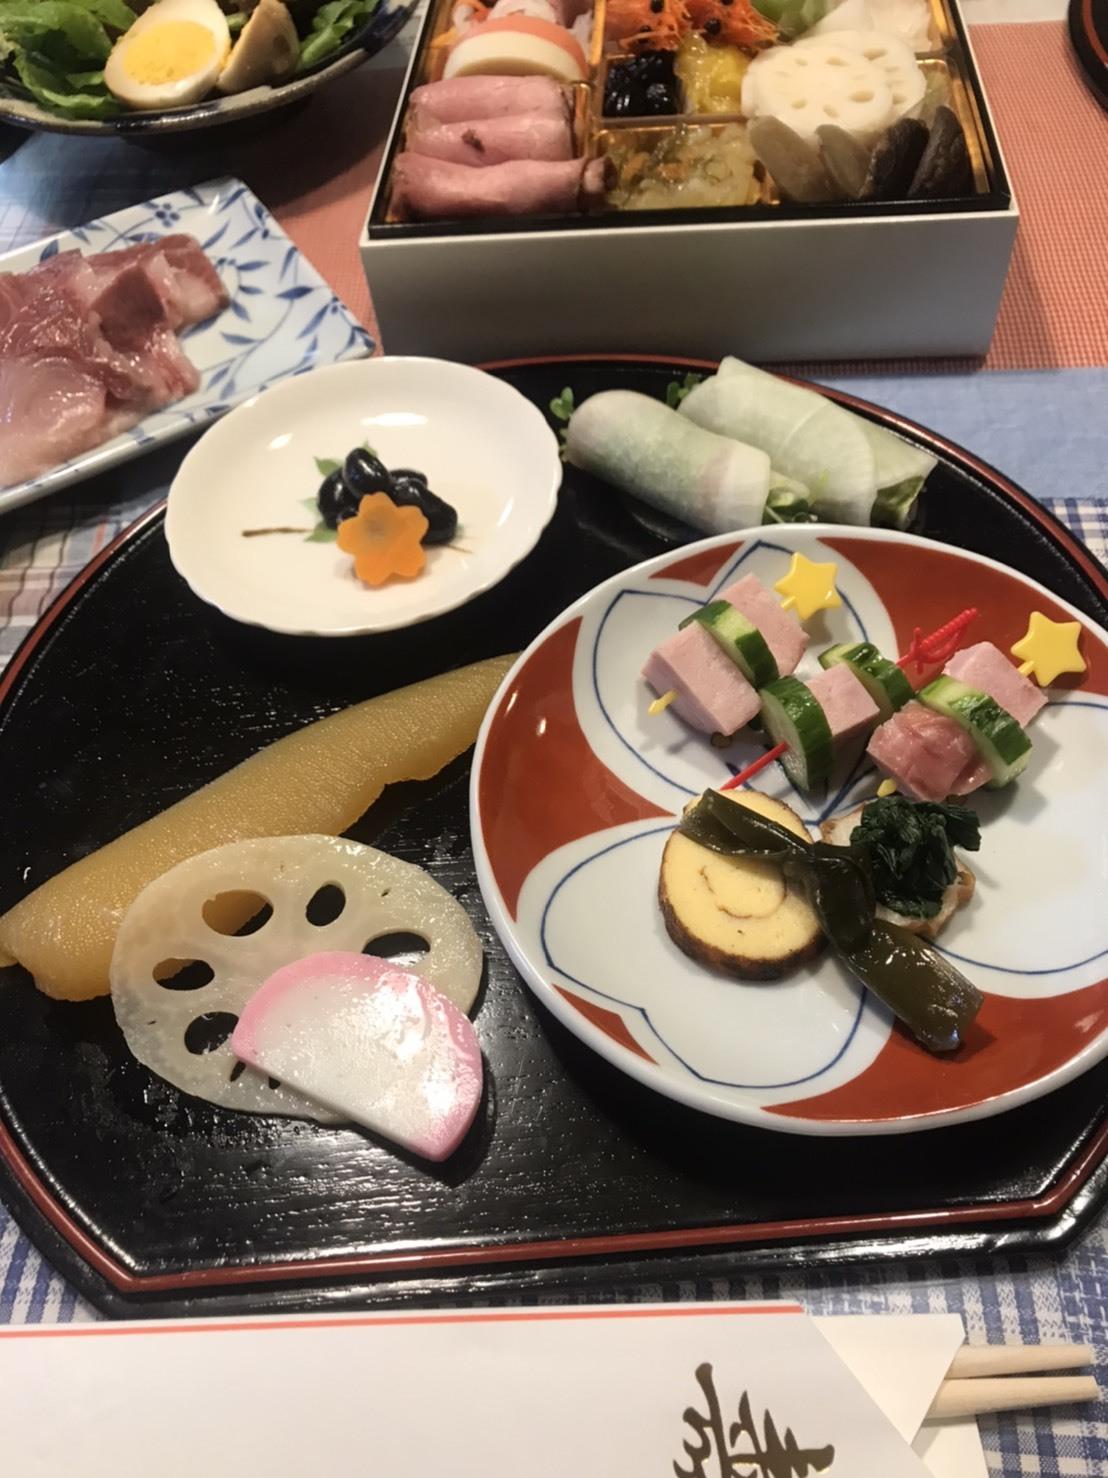 文君家族と一緒の年始の食事会(´∀`*)ウフフ🎵_c0216472_14351475.jpg